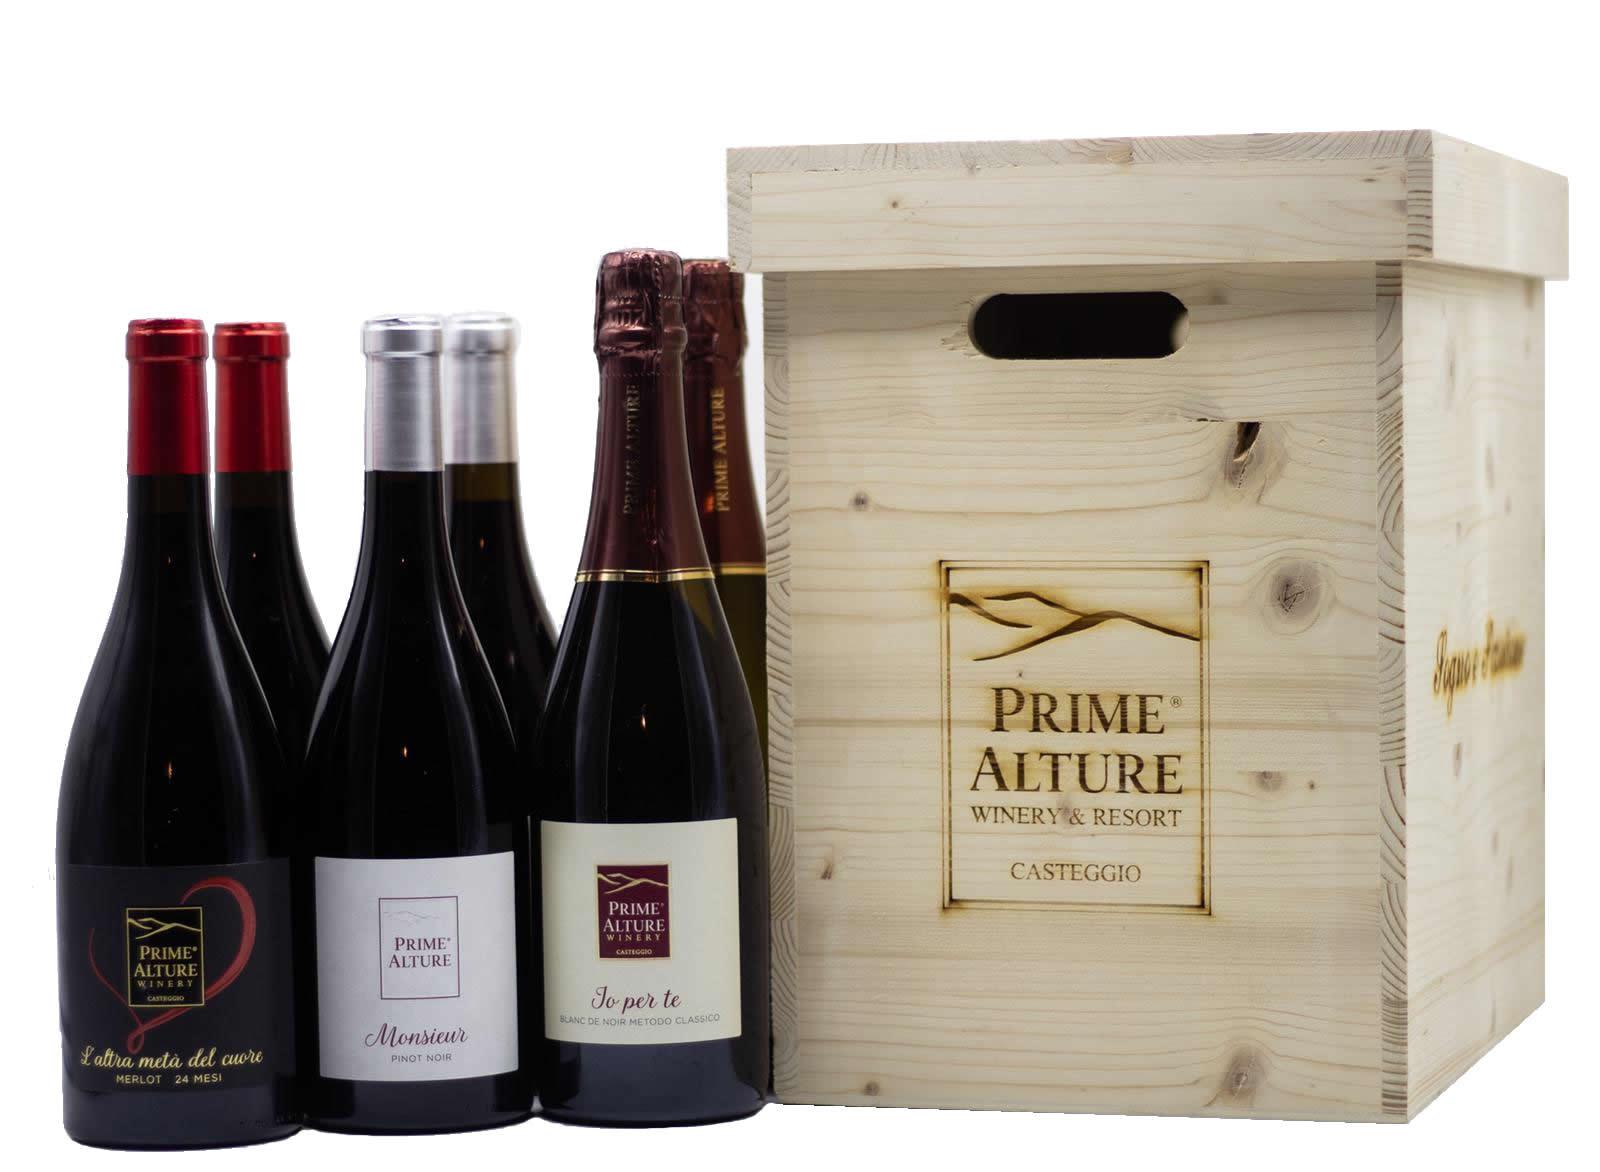 Collezione Elite – IO per TE Metodo Classico, L'Altra Metà del Cuore, Monsiuer Pinot Noir prime alture winery